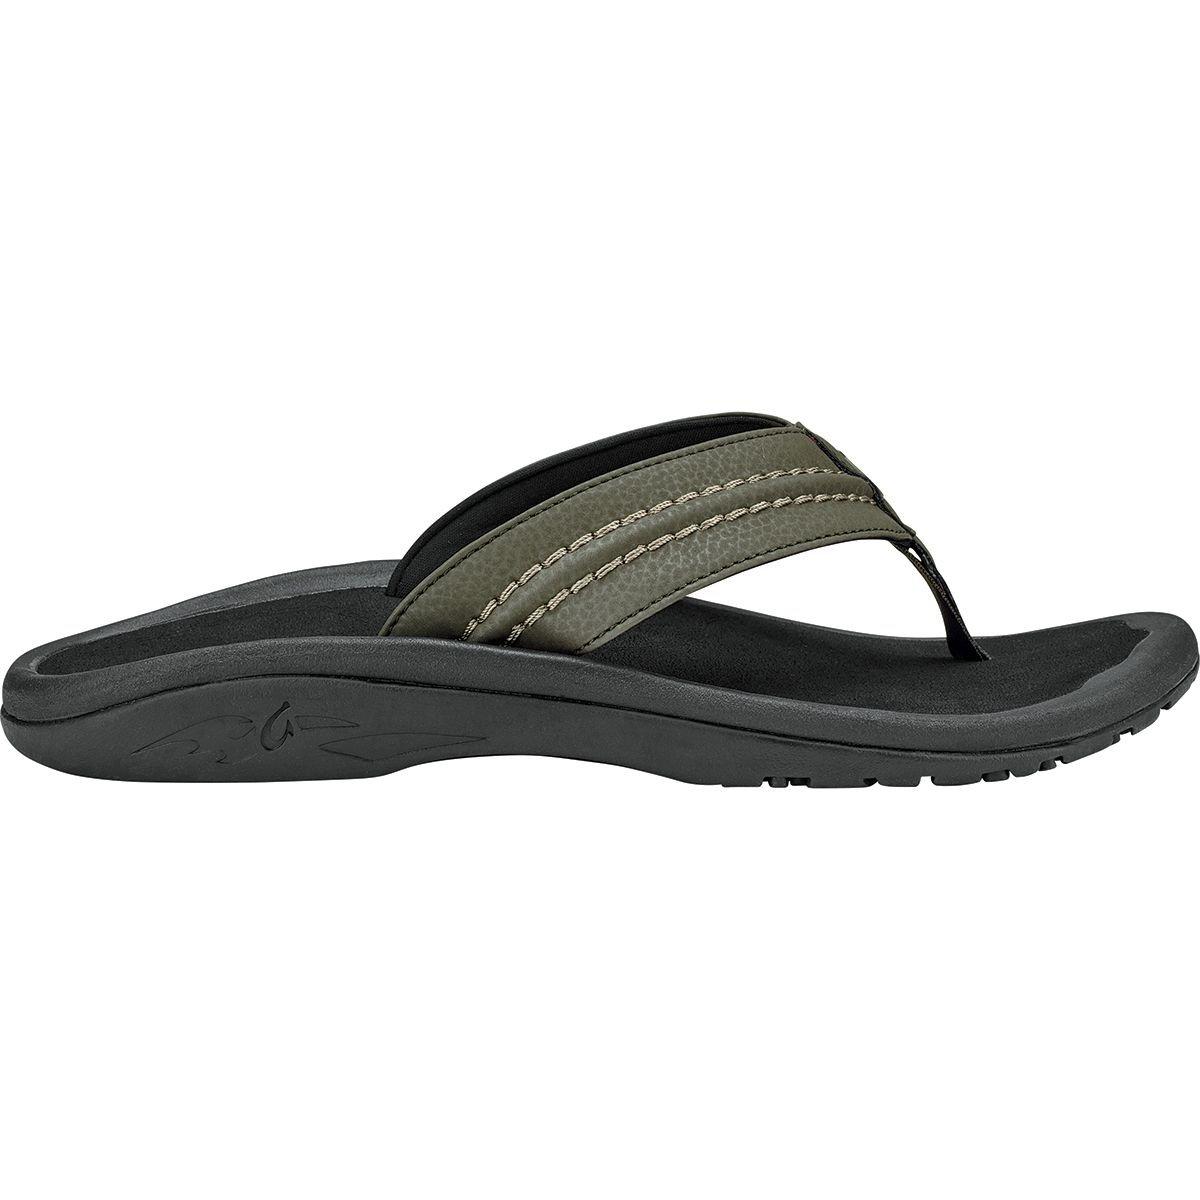 Kona Black OluKai Men's Hokua Thong Sandal